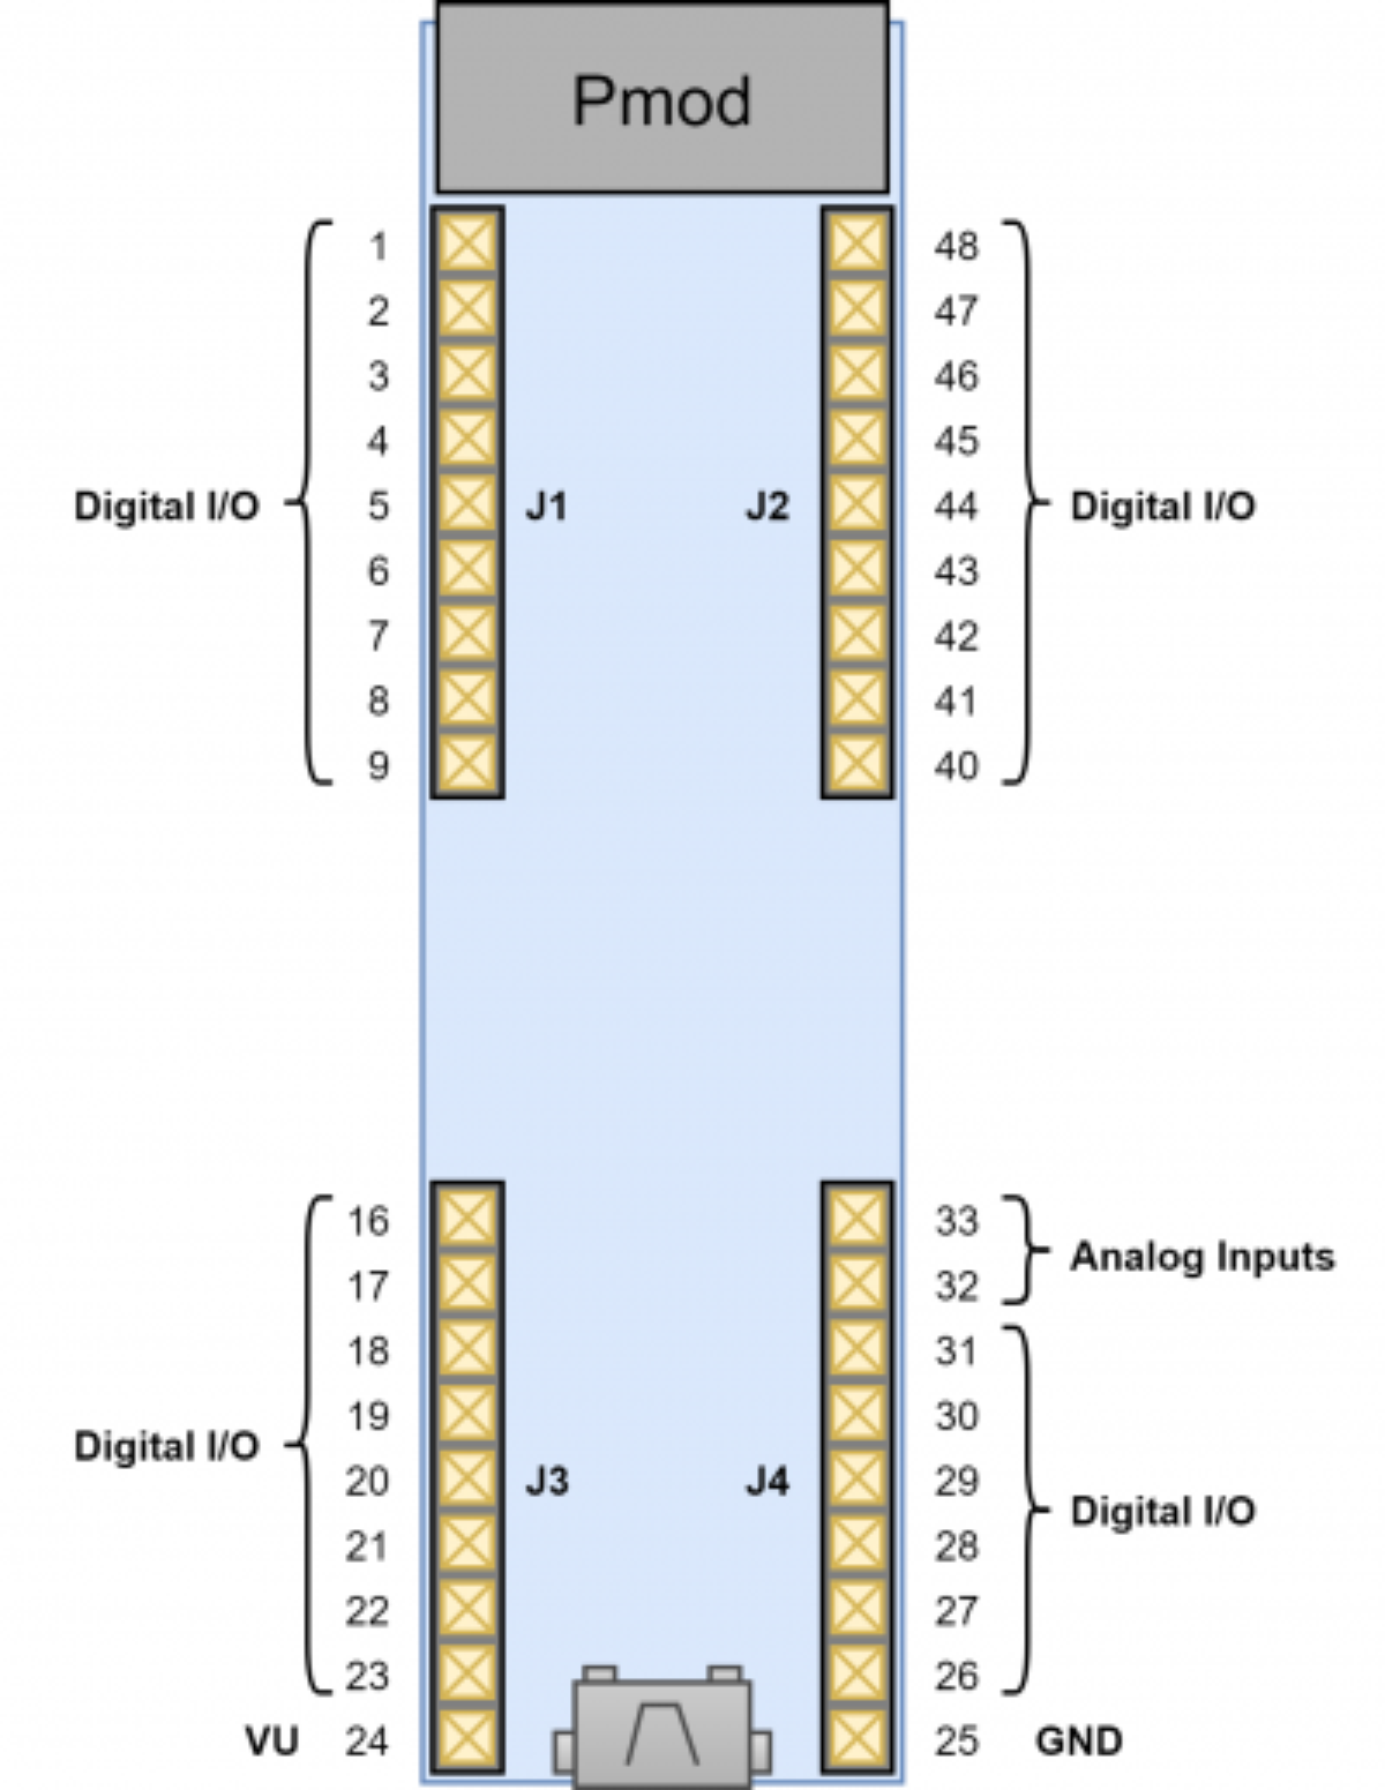 Figure 7.1 DIP Pin Diagram